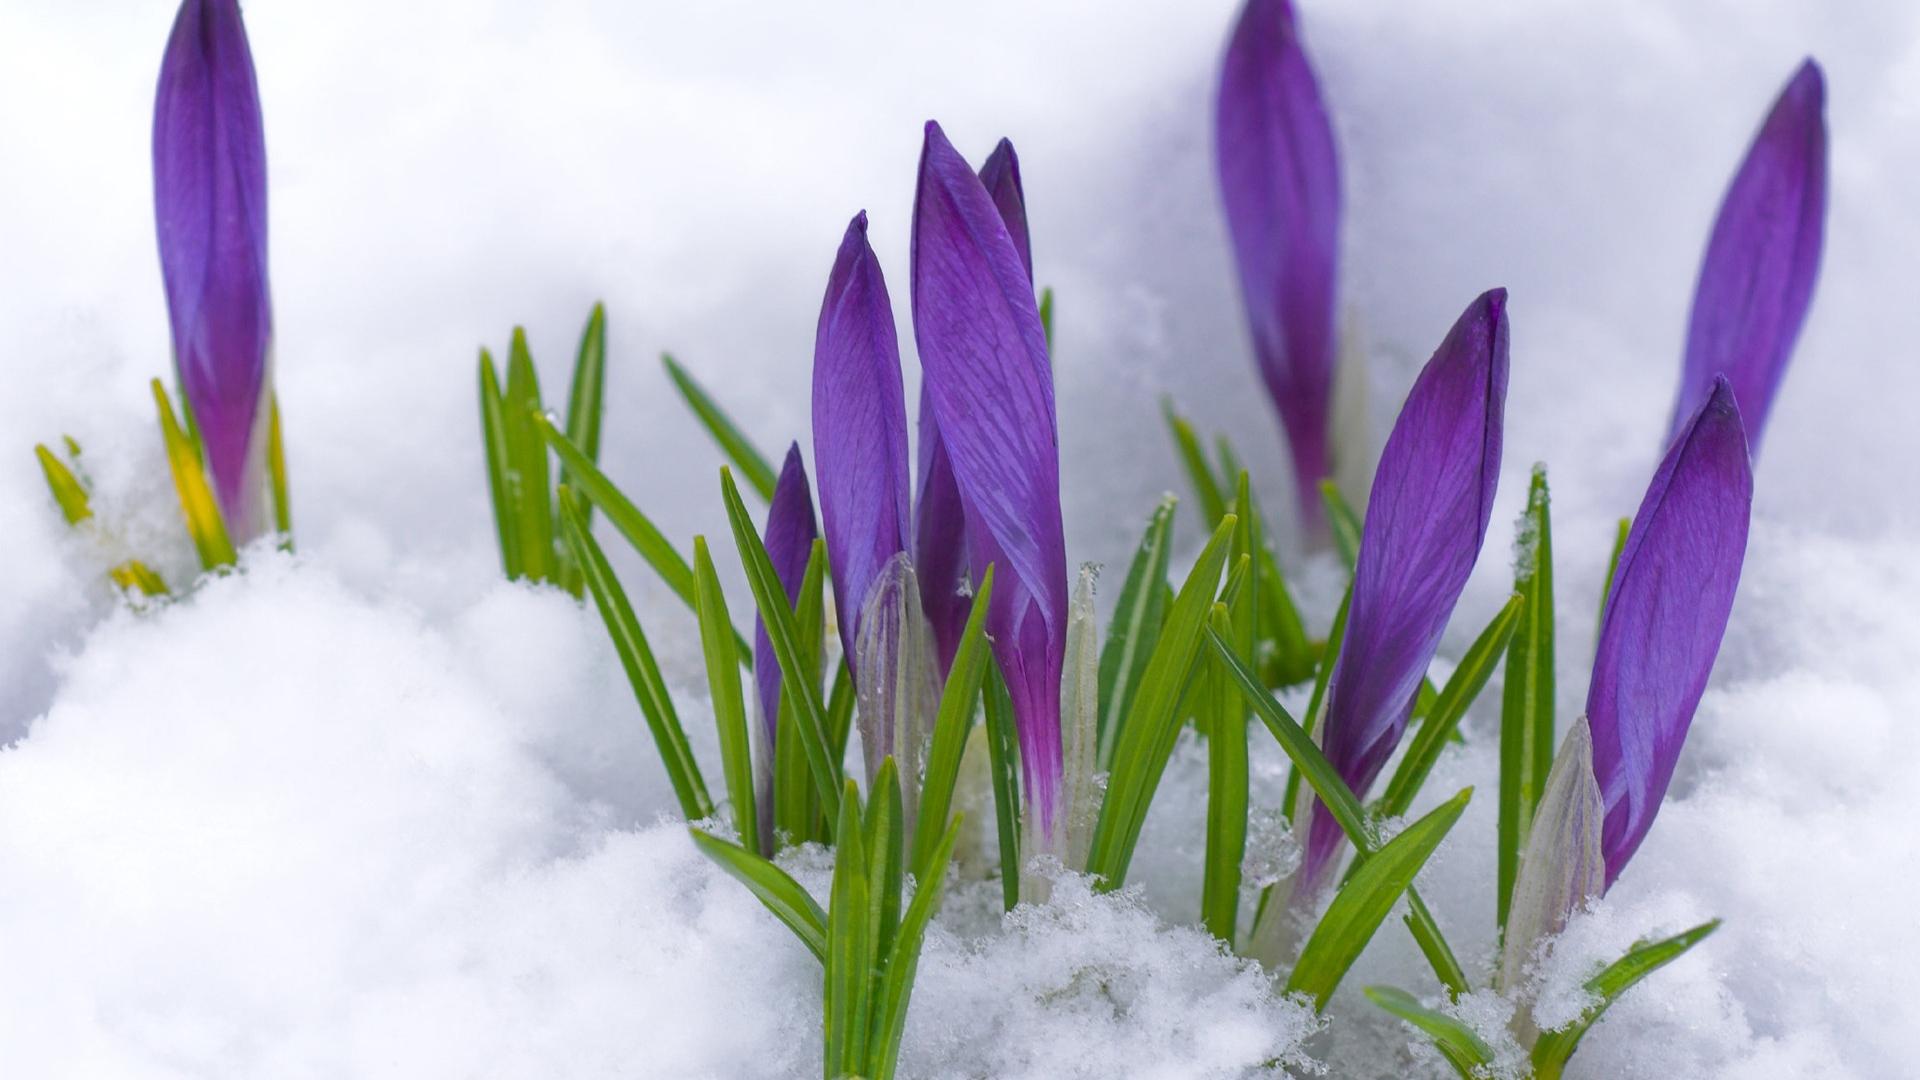 Download wallpaper 1920x1080 crocuses flowers snow leaves spring crocuses flowers snow mightylinksfo